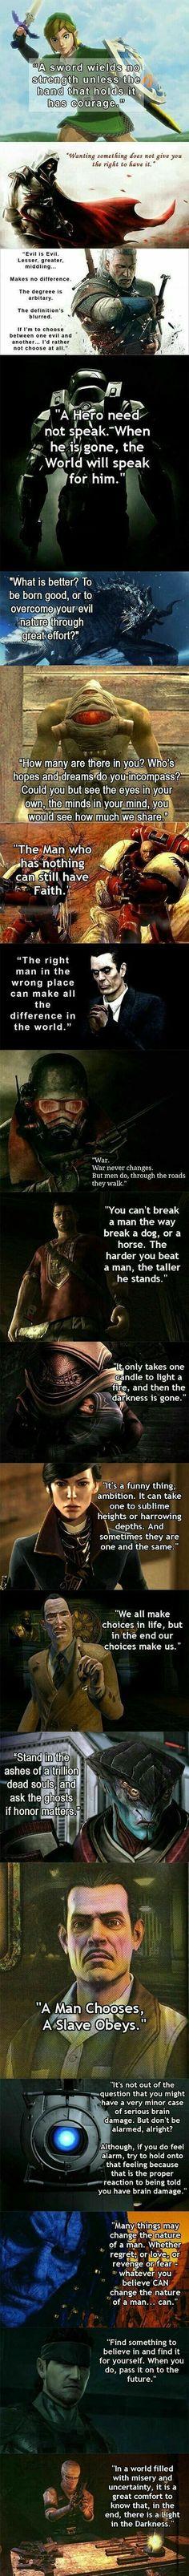 Games teaching us philosophy